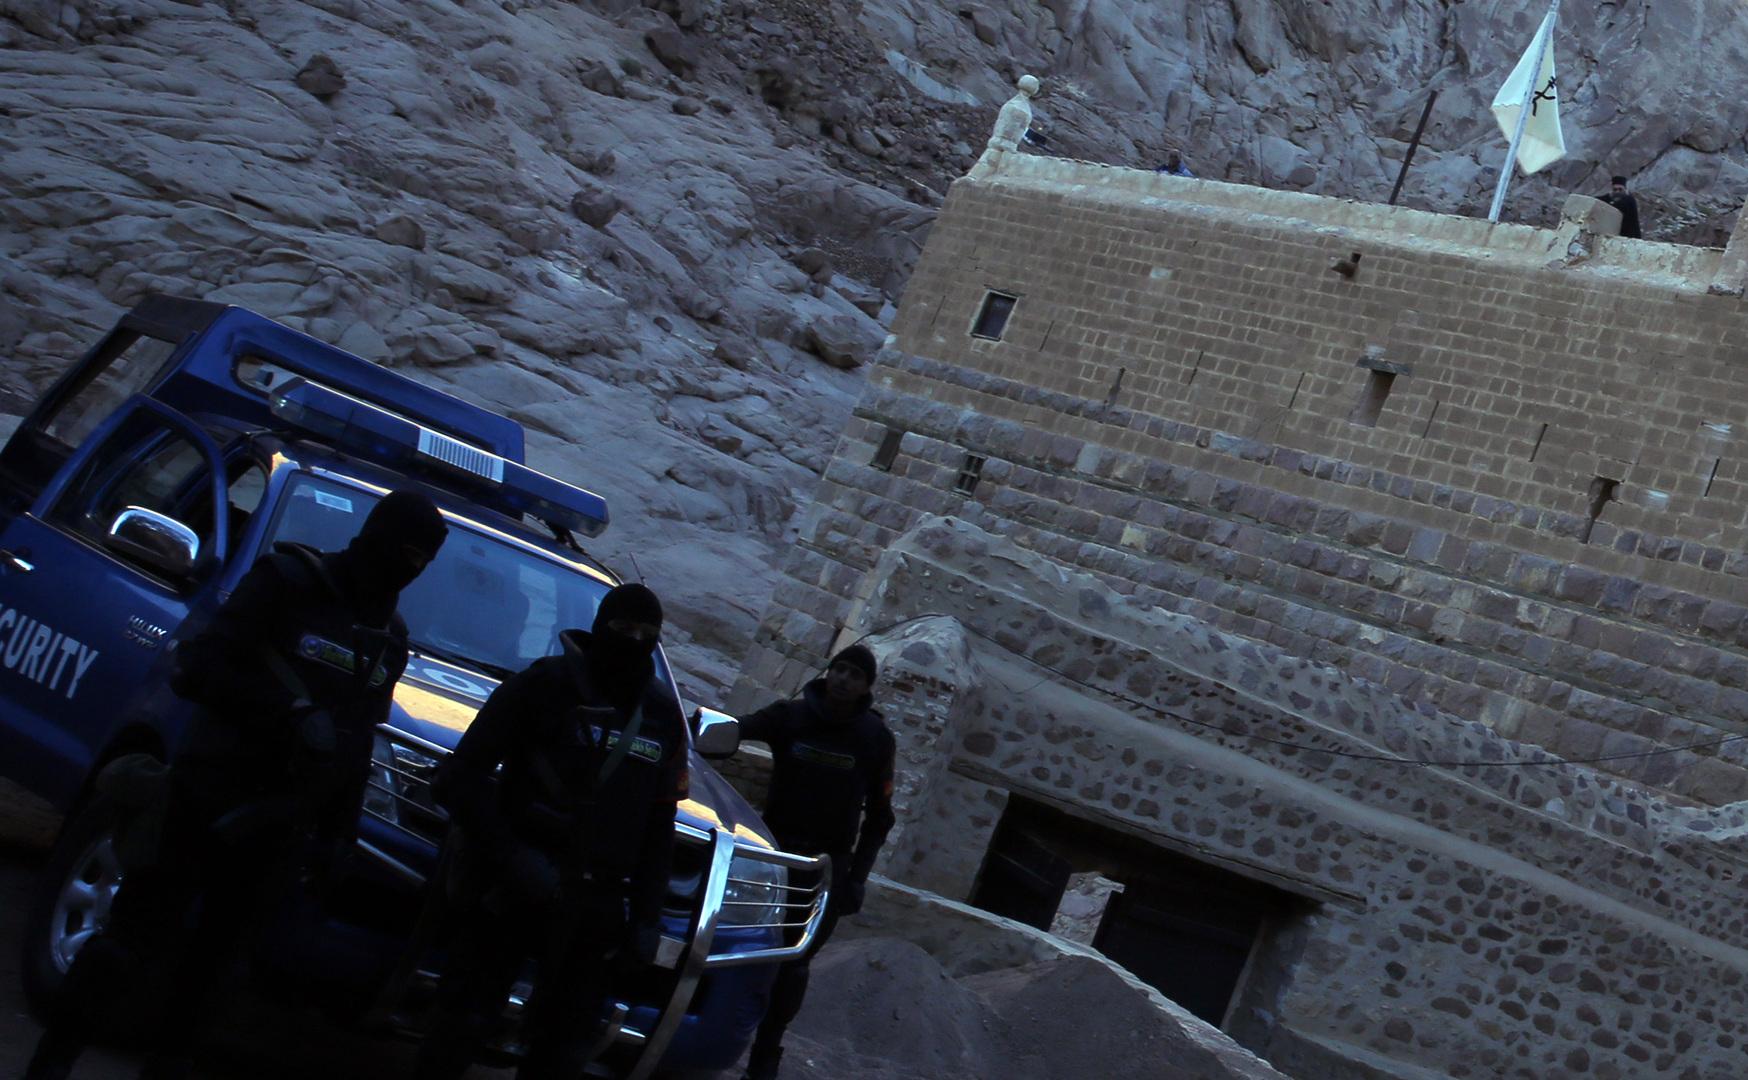 وزير داخلية مصري أسبق يدلي بتصريح حول حادثة ضبط صواريخ مضادة للطائرات كانت متجهة من ليبيا إلى سيناء